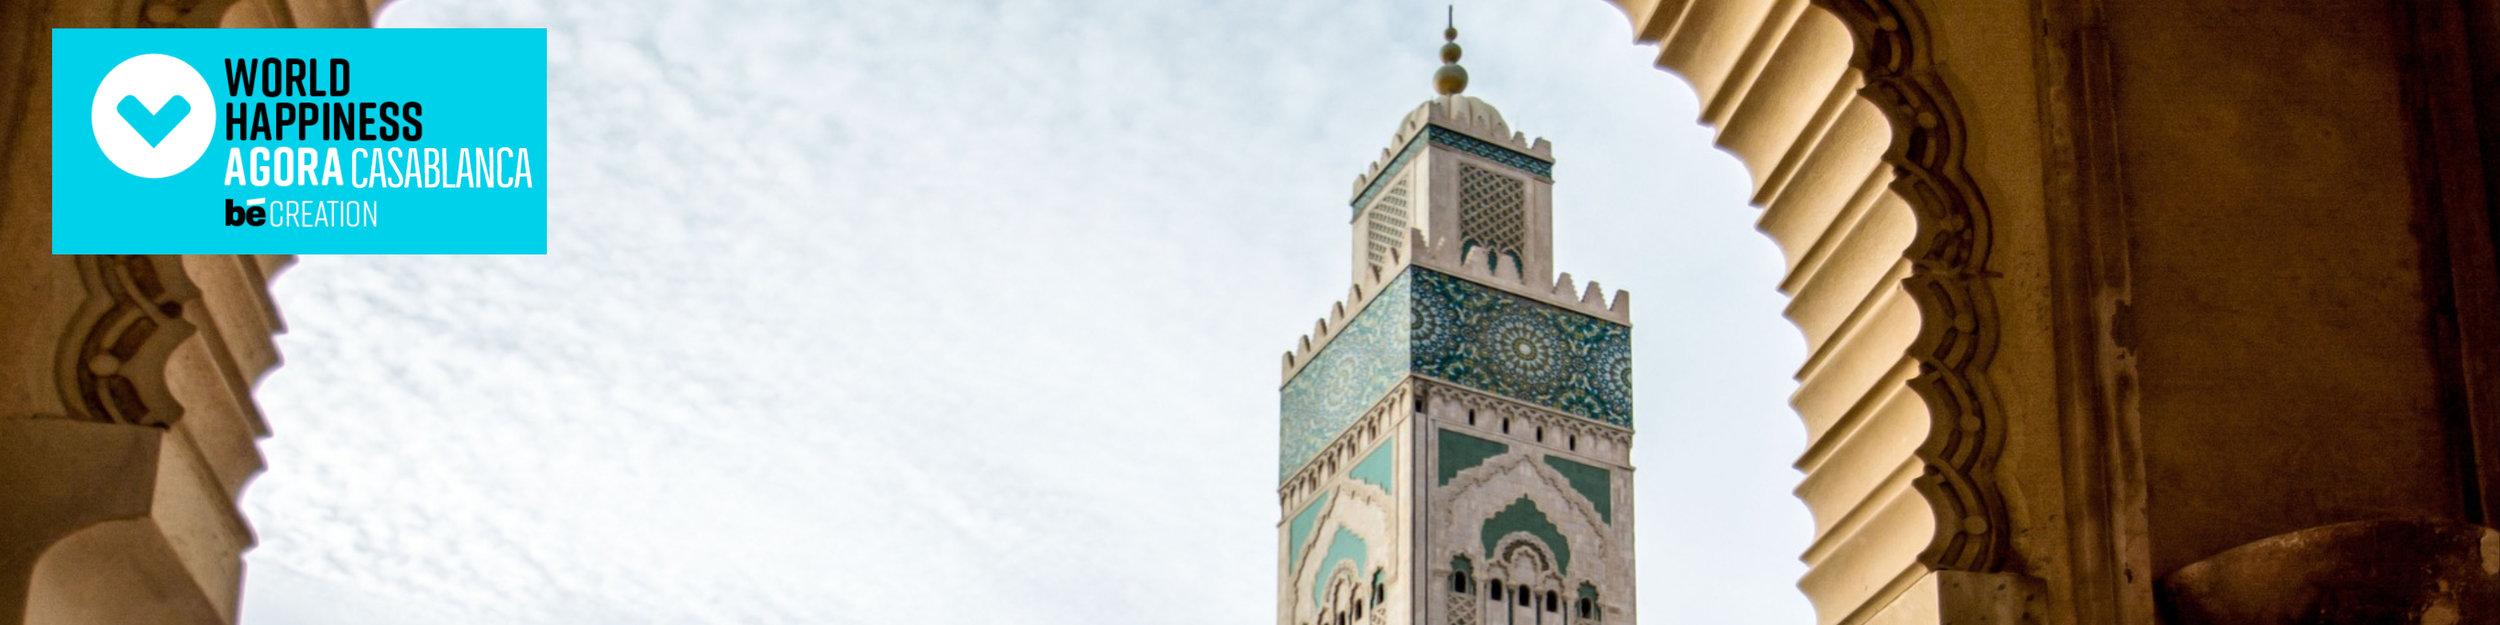 Agora Host banner_Morocco-Casablanca (1).jpg